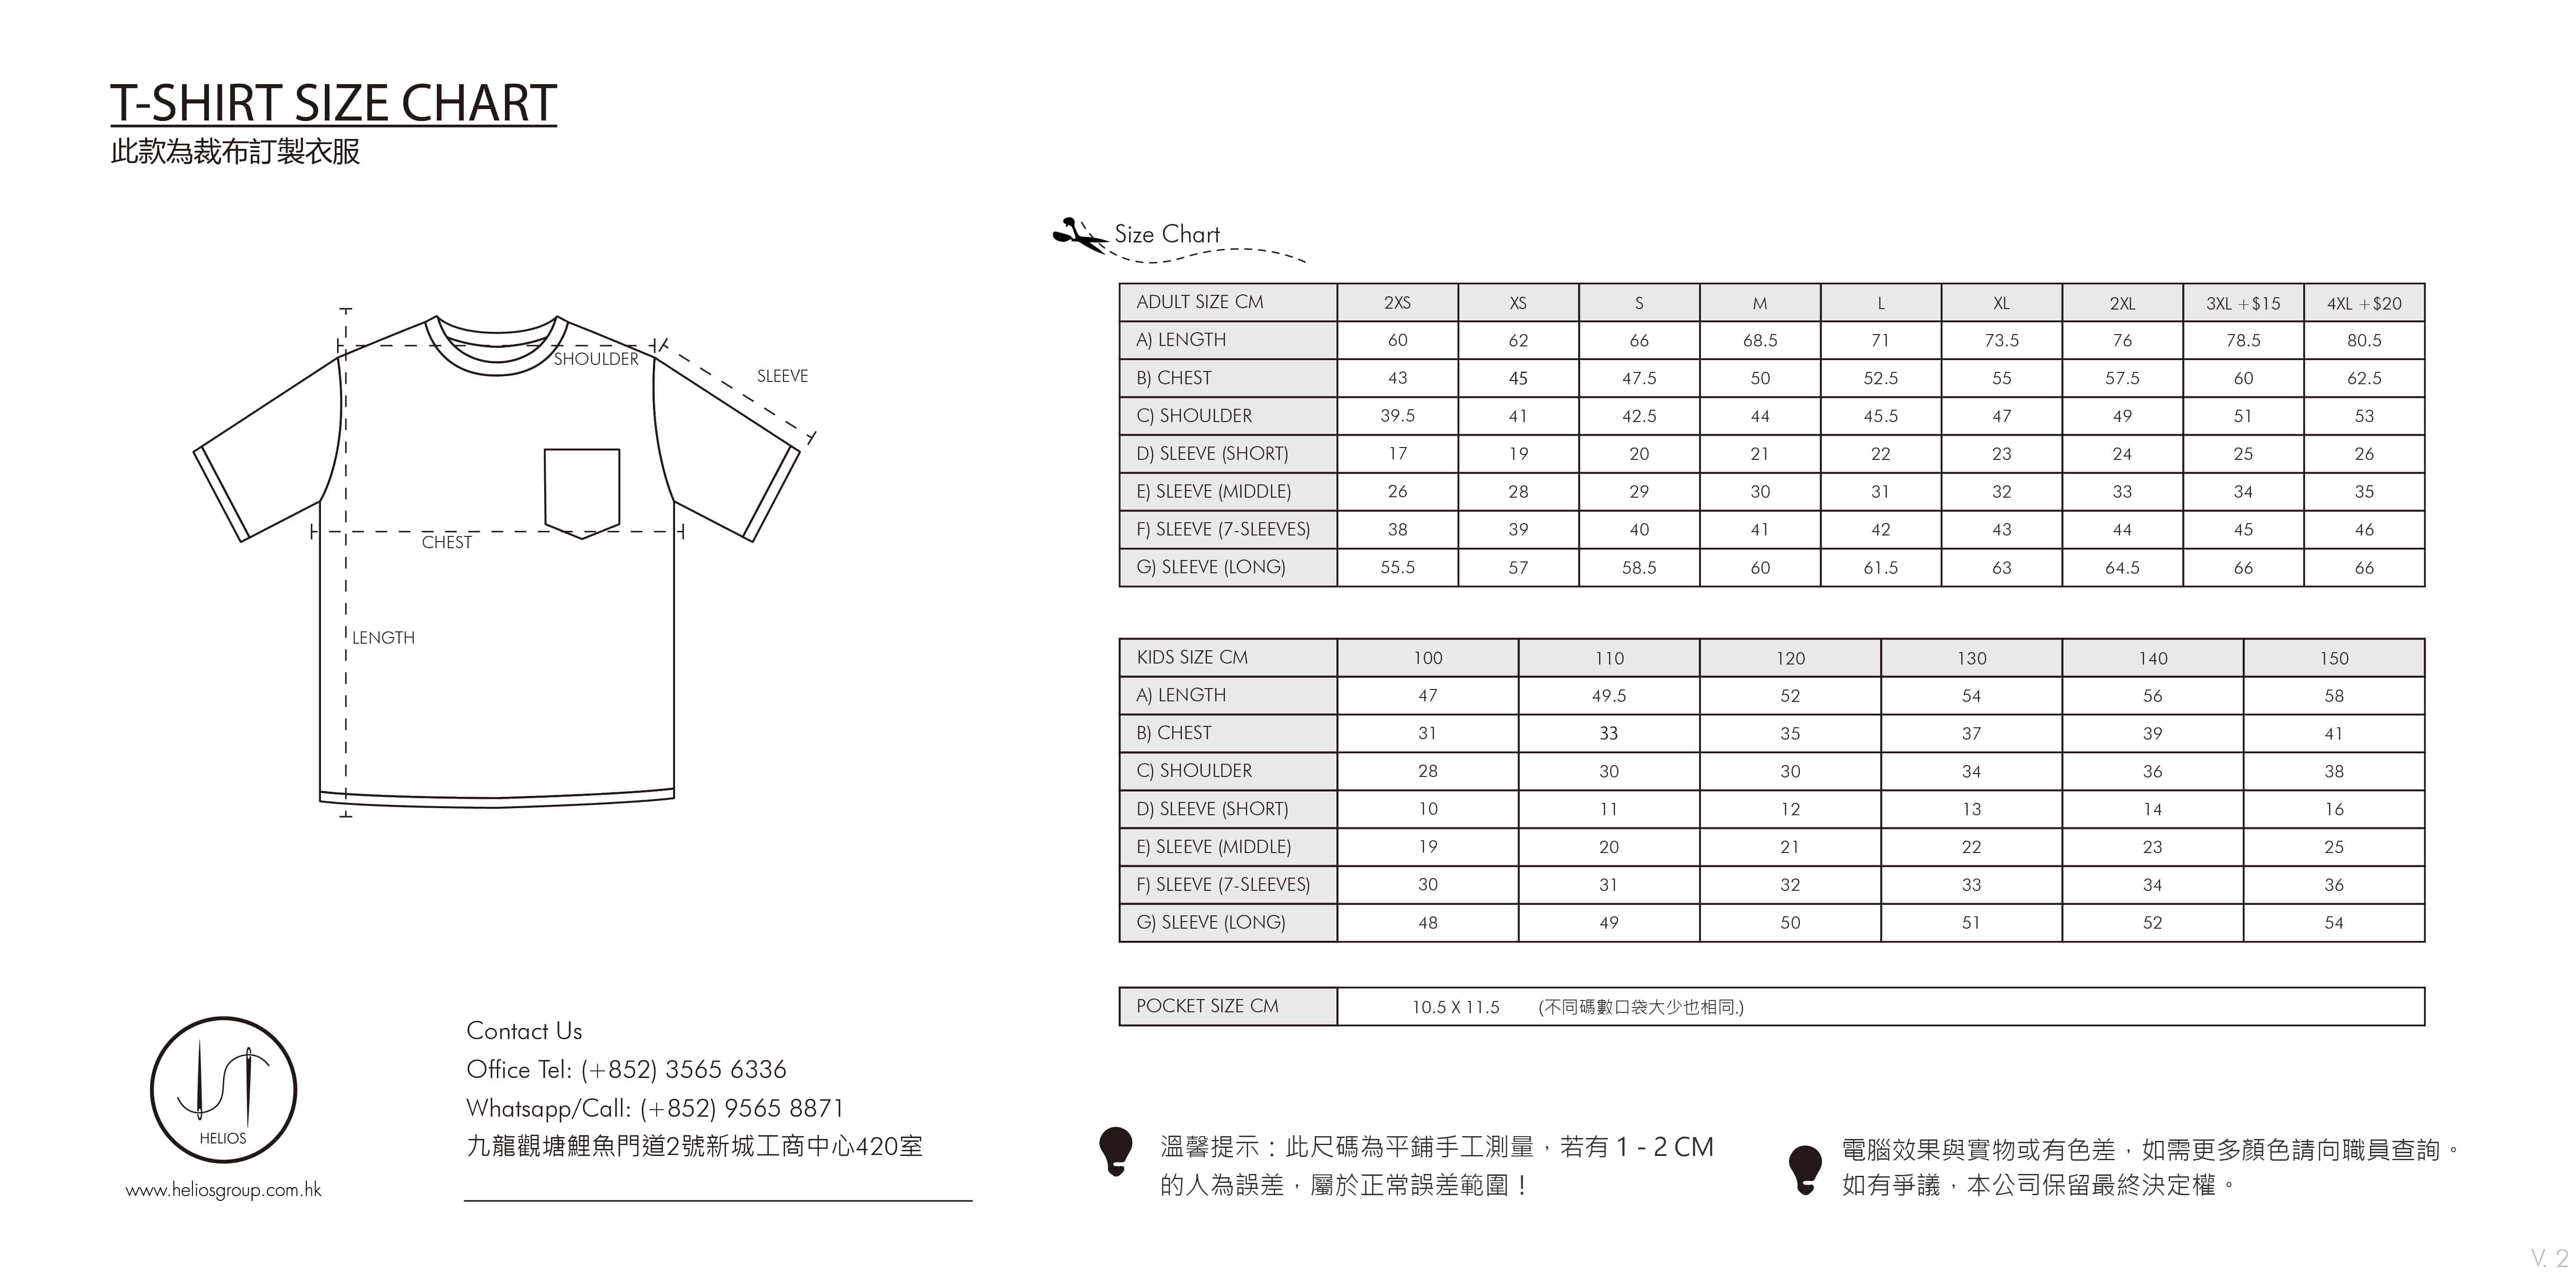 裁布製 T-Shirt 尺碼表